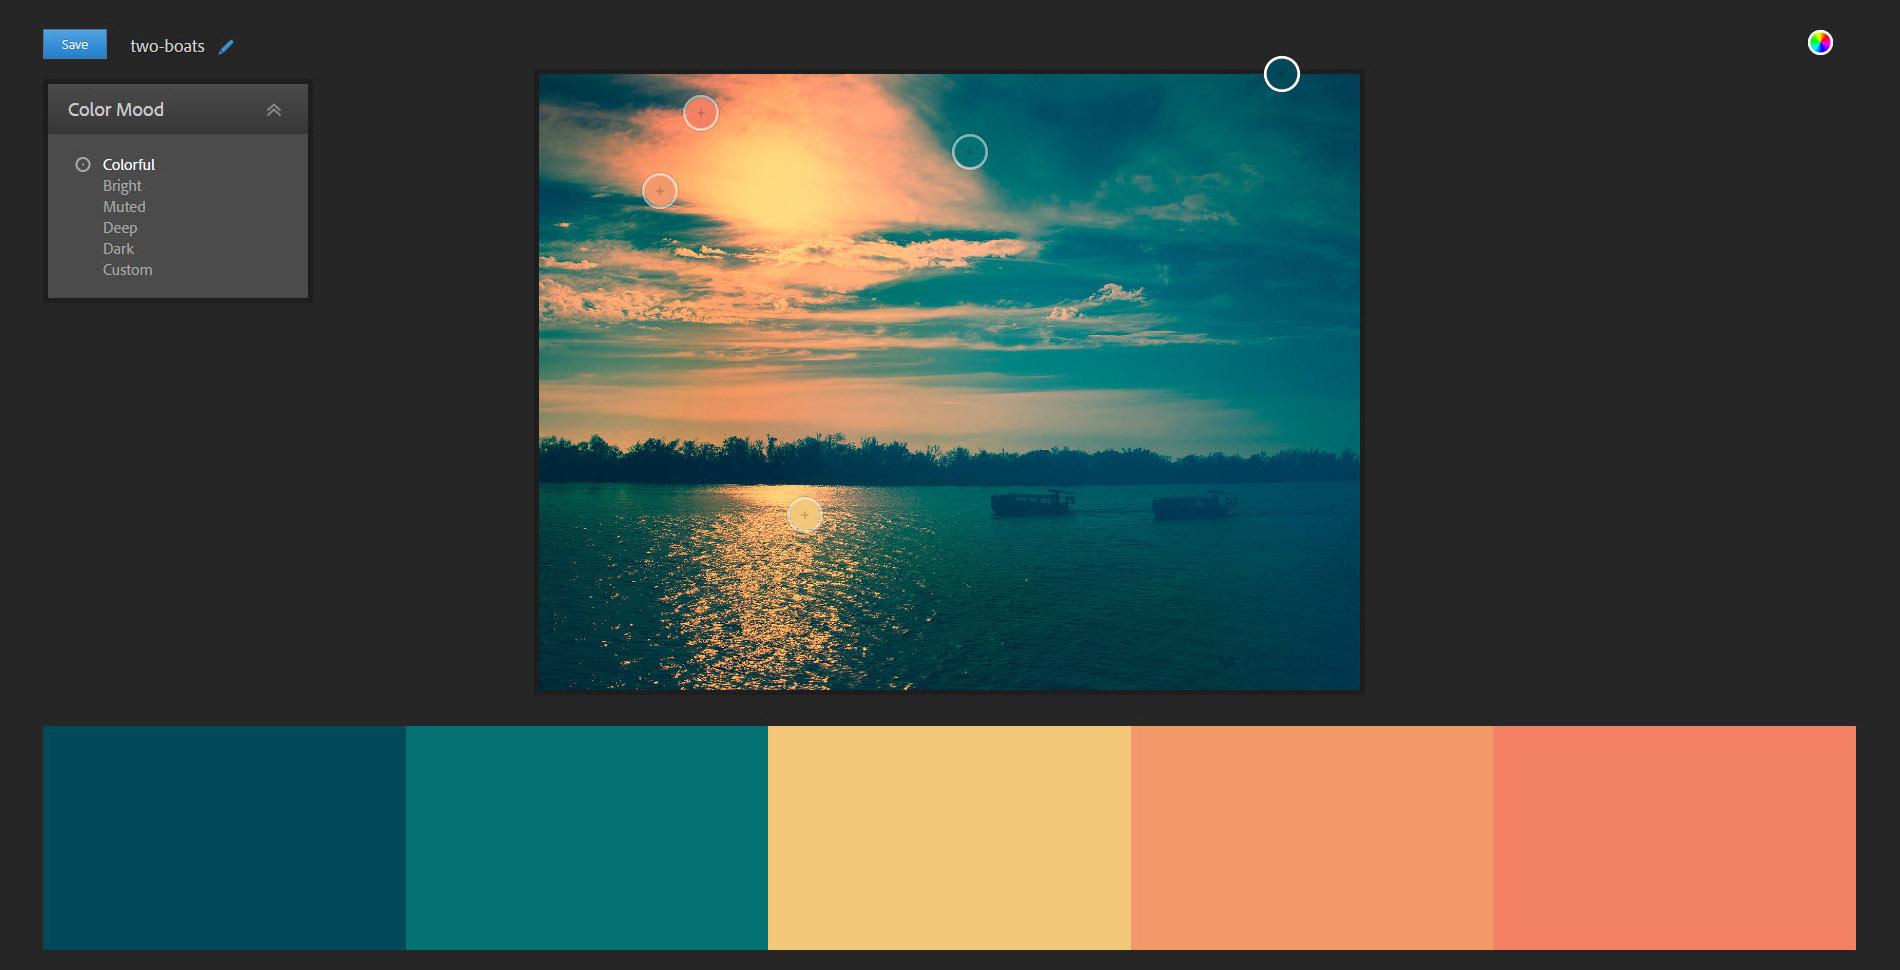 ساخت پالت رنگ - اینستاگرام